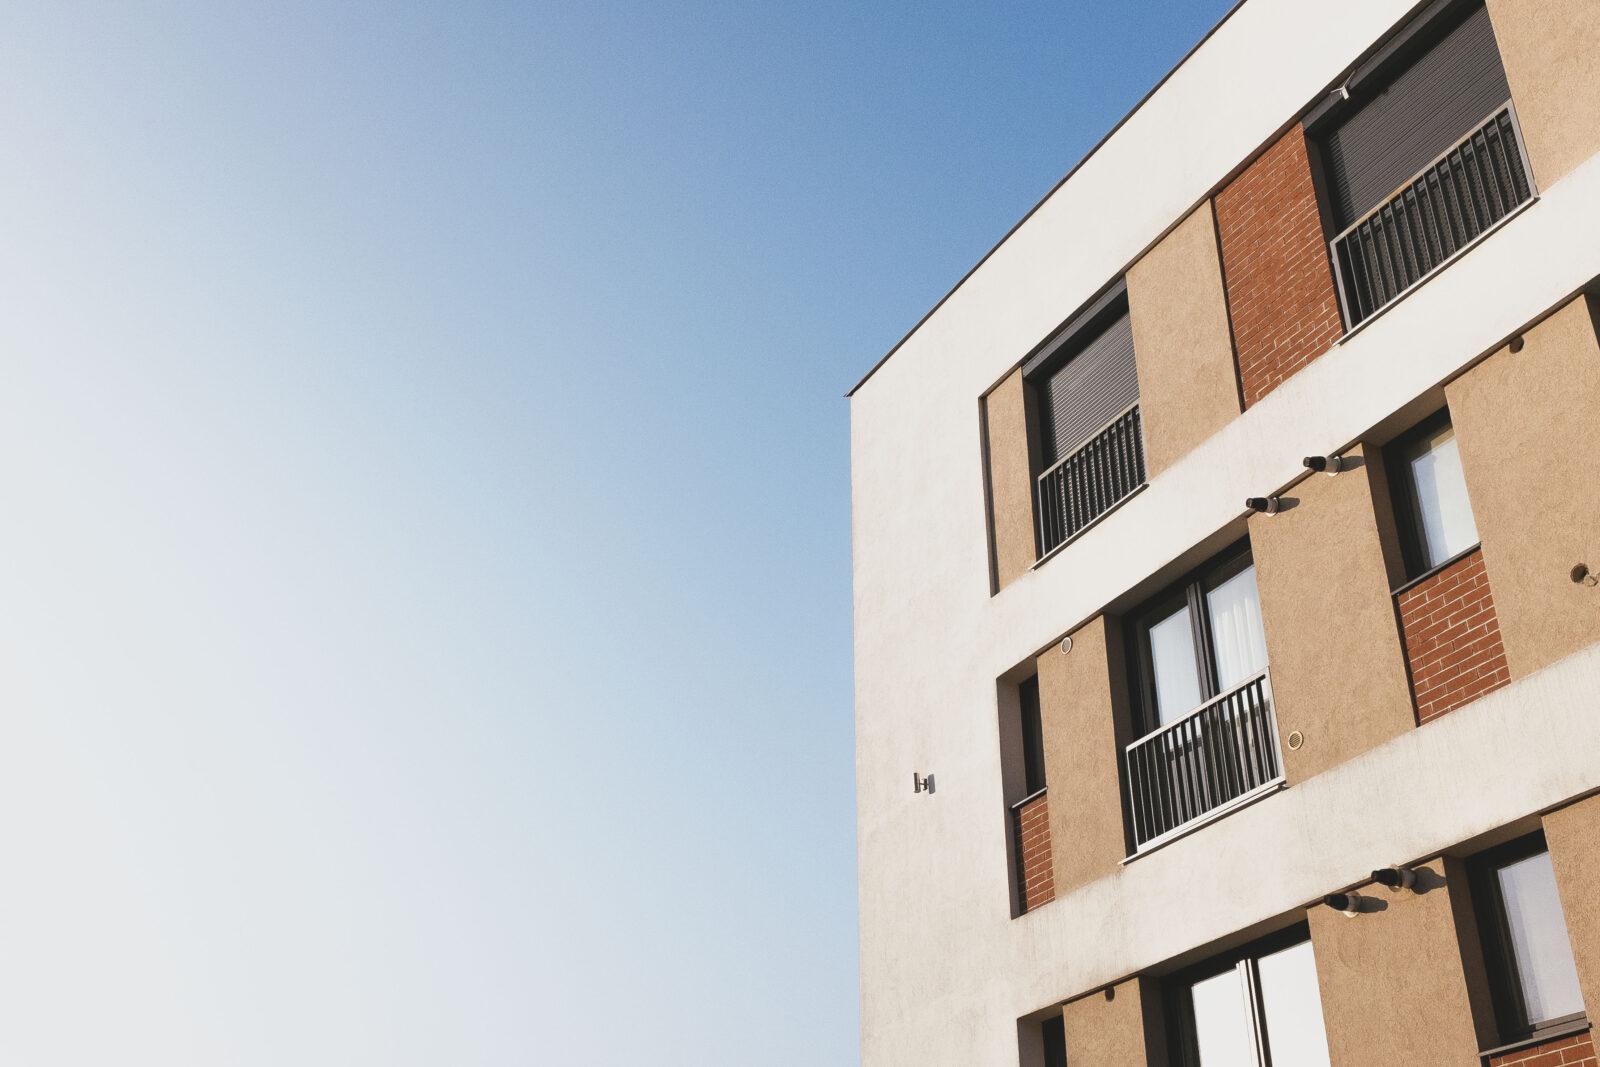 Ændringer i lejelov, boligreguleringslov og andelsboligforeningslov pr. 1. juli 2020 er nu vedtaget